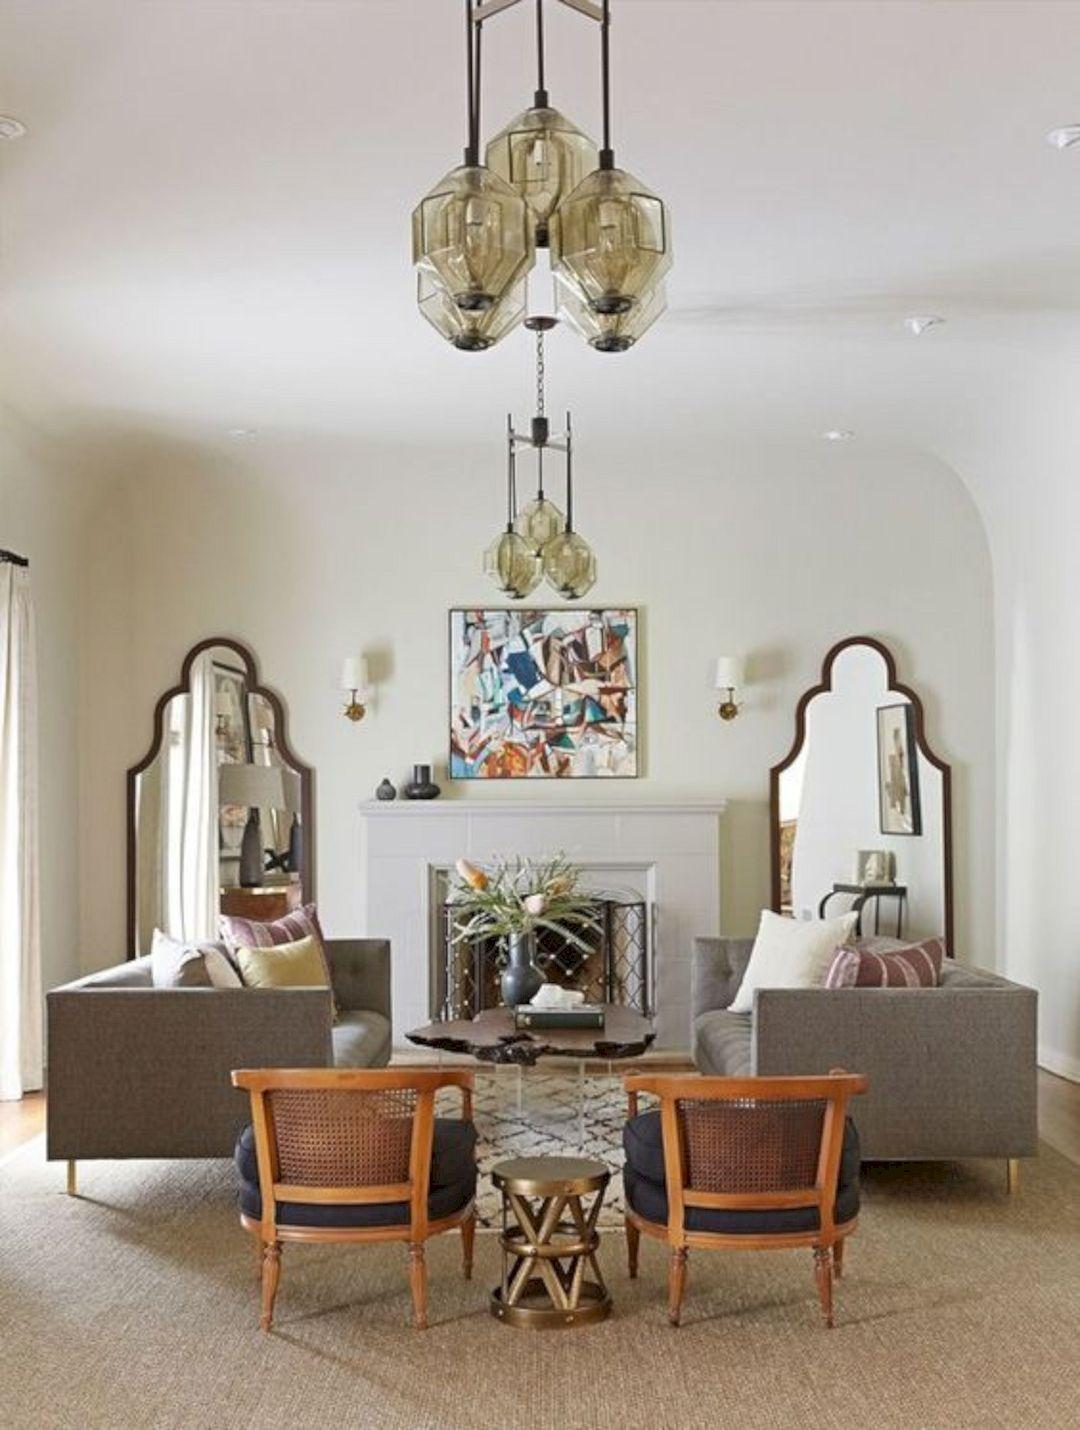 16 Mediterranean Home Decoration Ideas | Mediterranean style ...